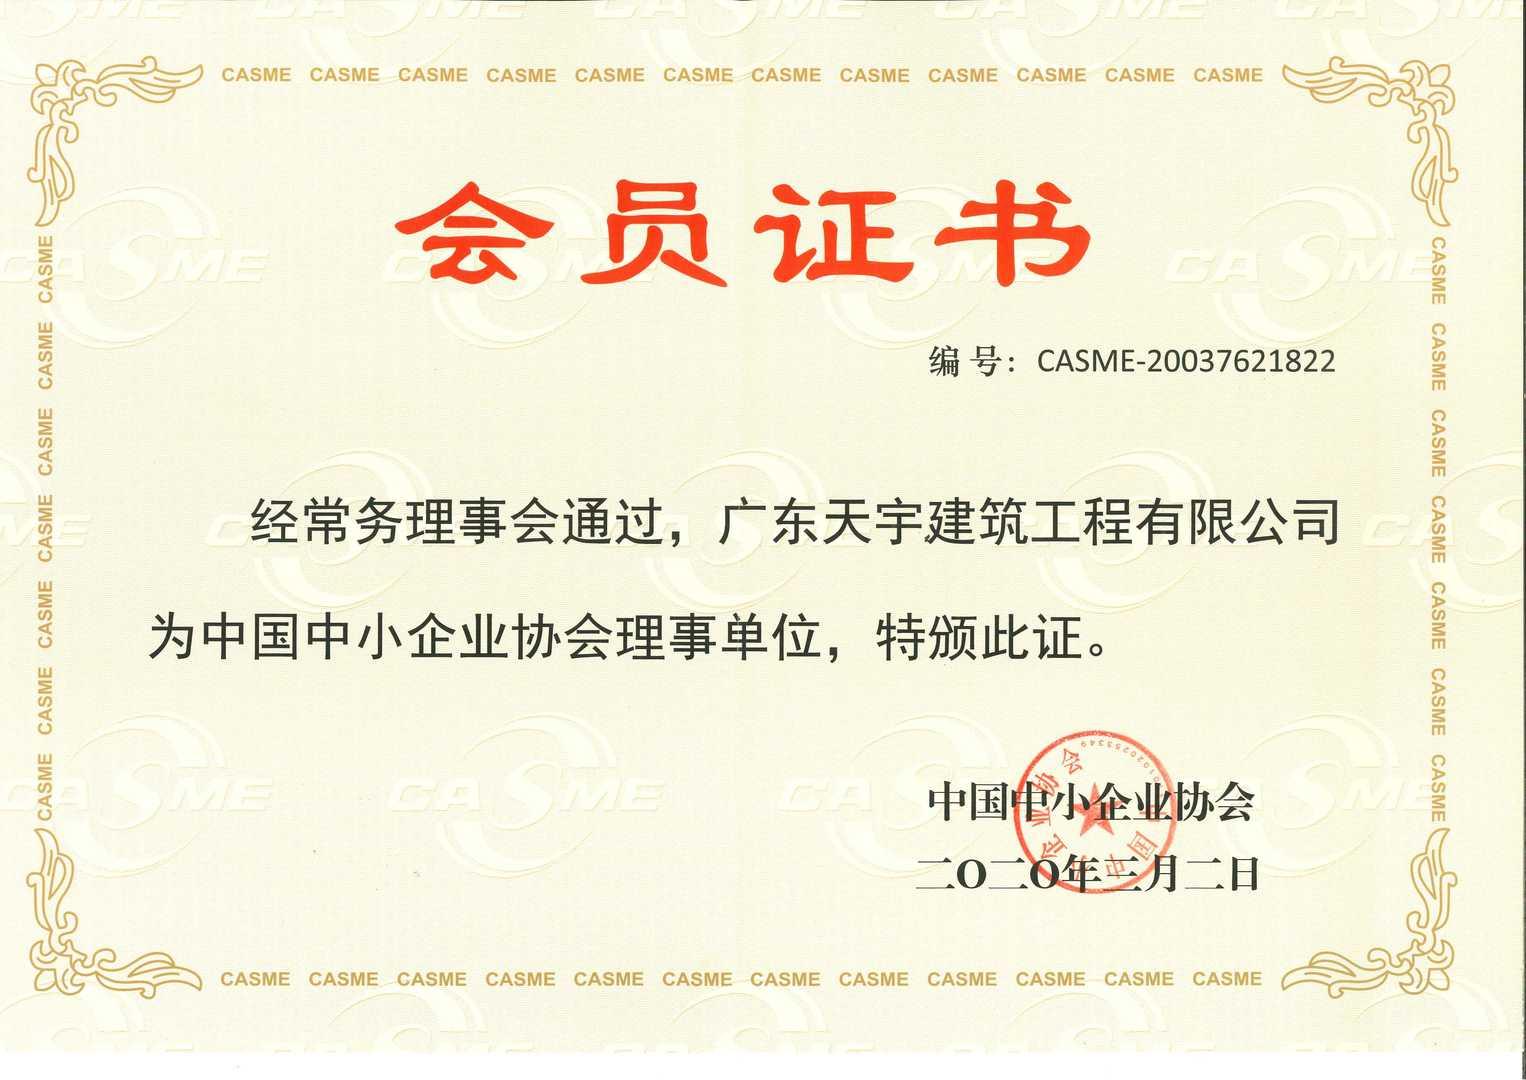 中国中小企业协会理事单位会员证书